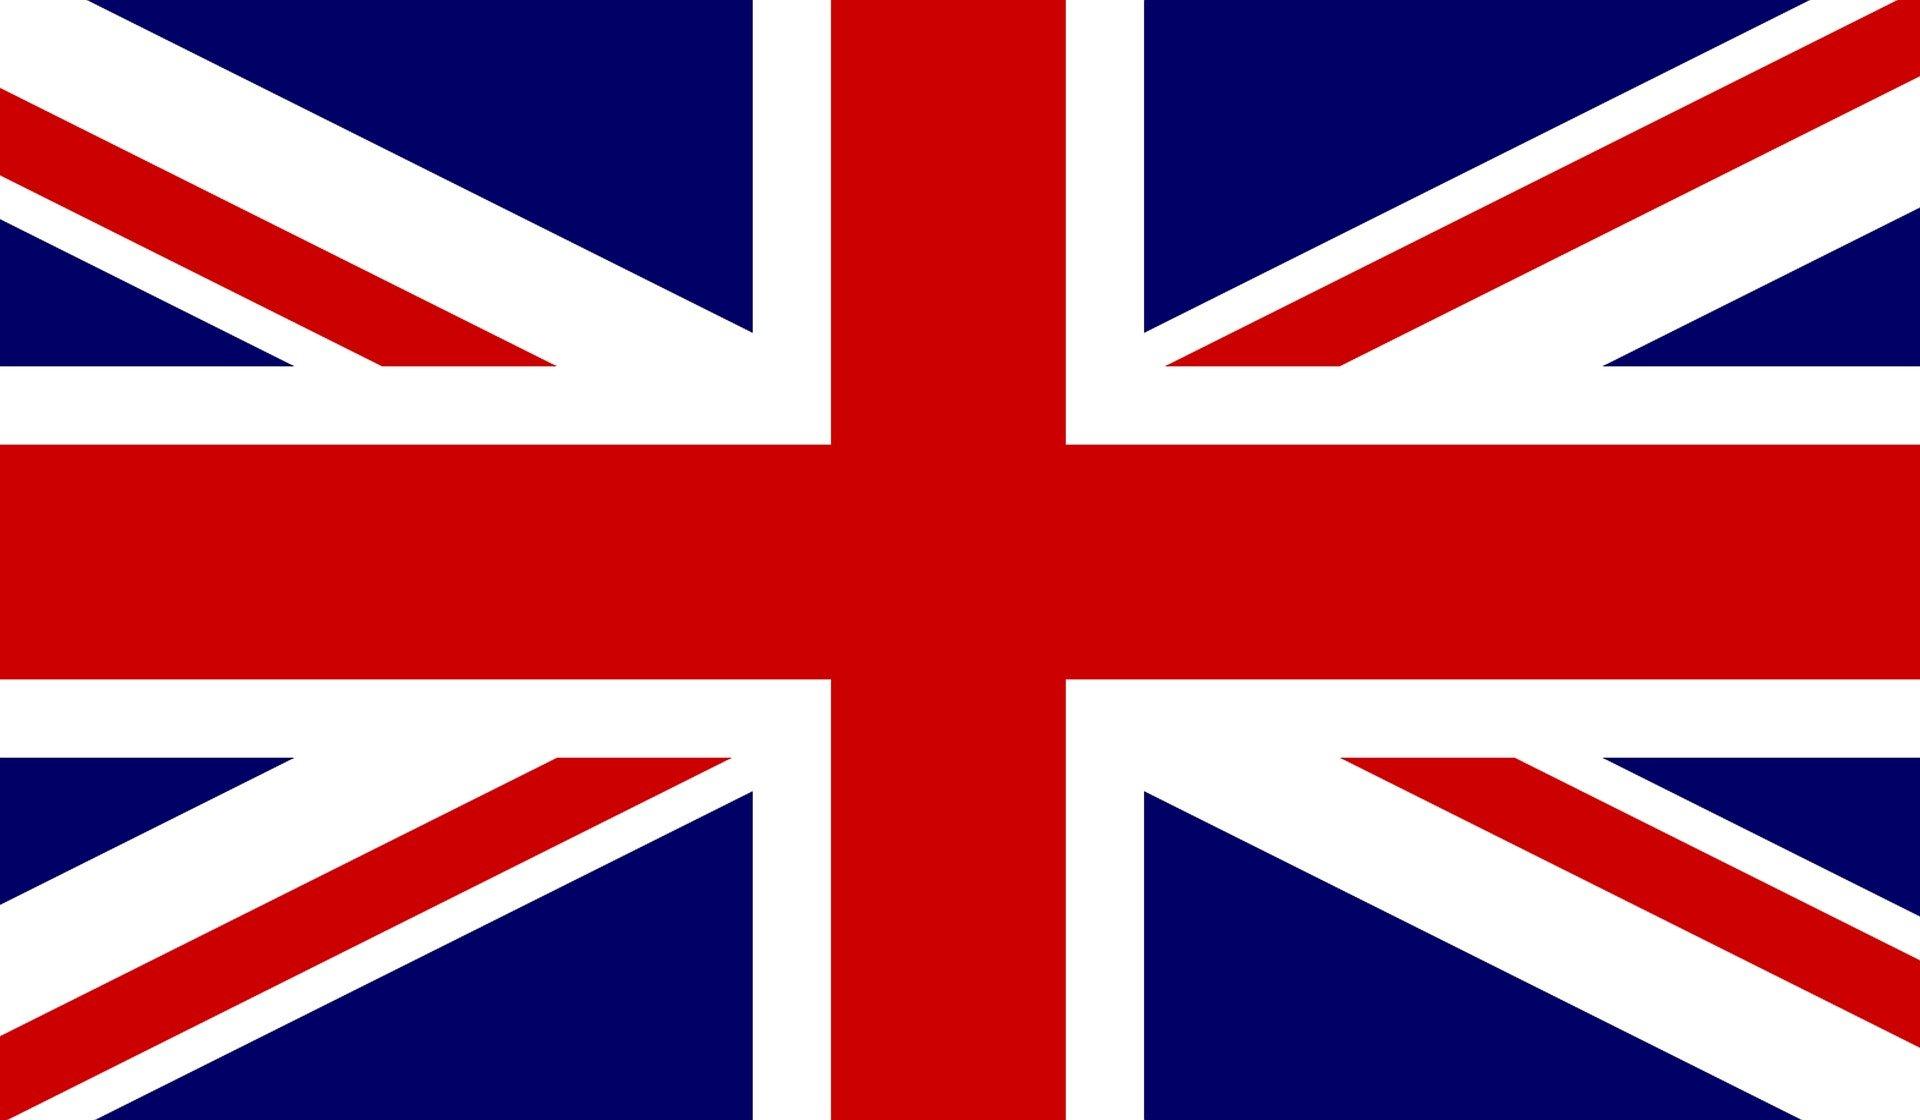 post estudiar en Inglaterra despues del Brexit necesito un visado